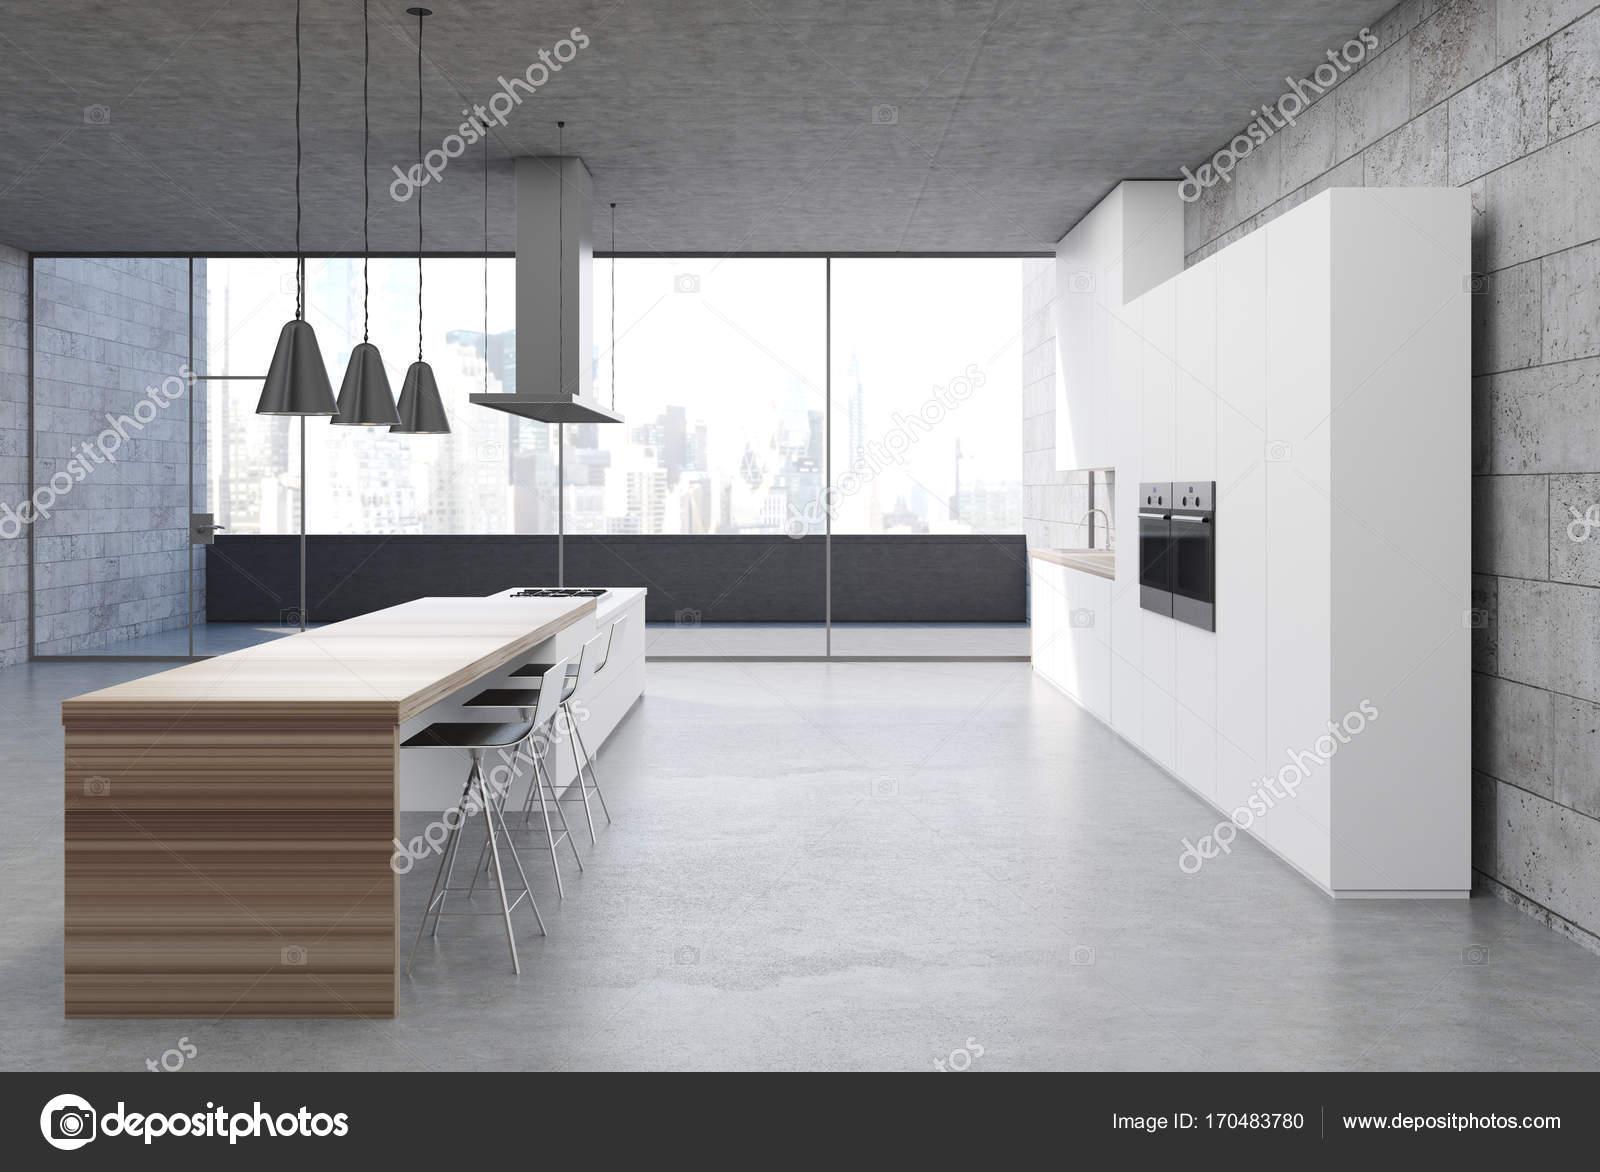 beton keuken interieur witte kasten kant stockfoto